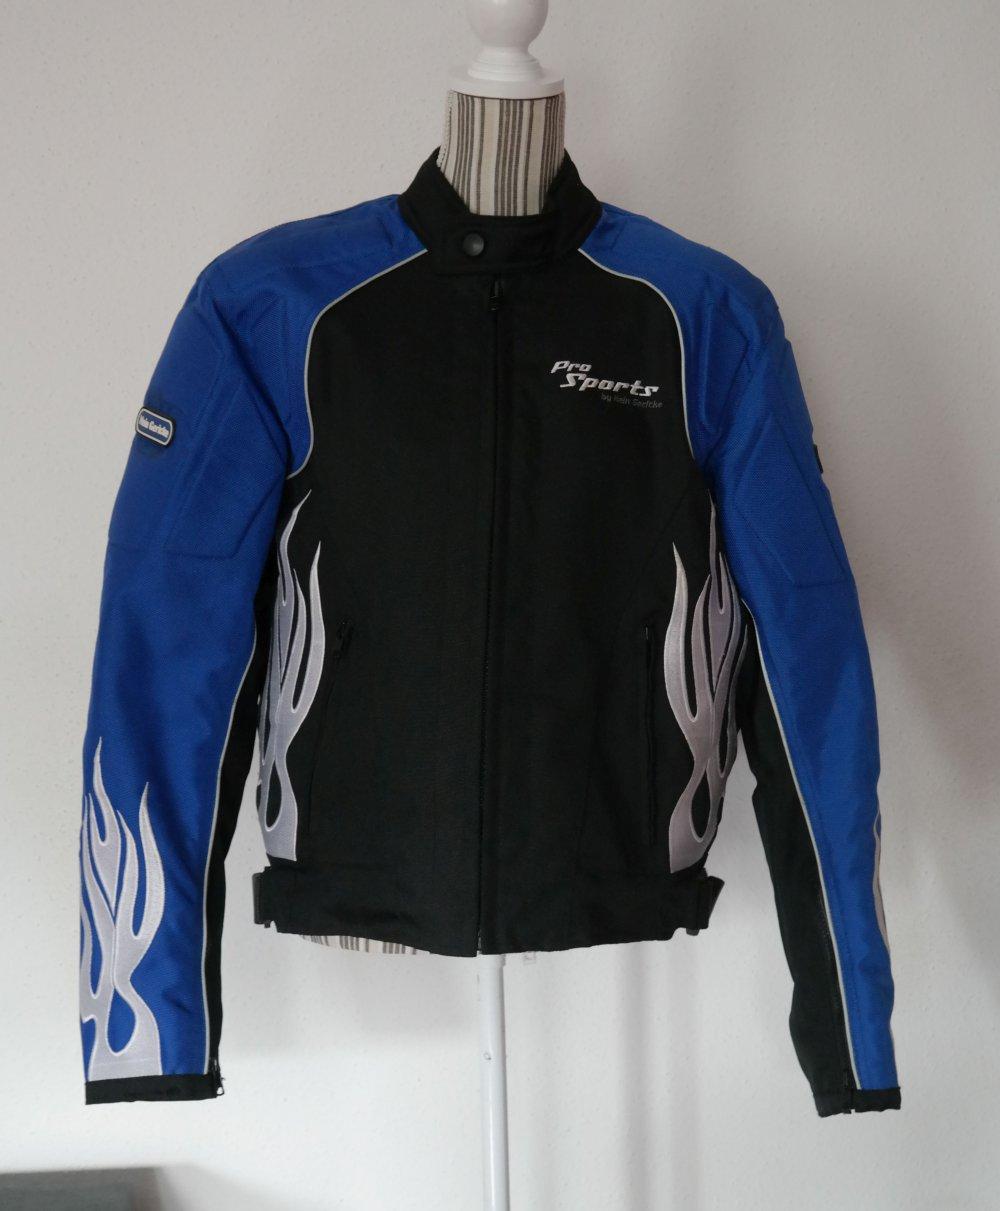 Sports Hein Flammen Bikerjacke Gericke Motorrad Motorradjacke Blau Pro Jacke FJc3TlK1